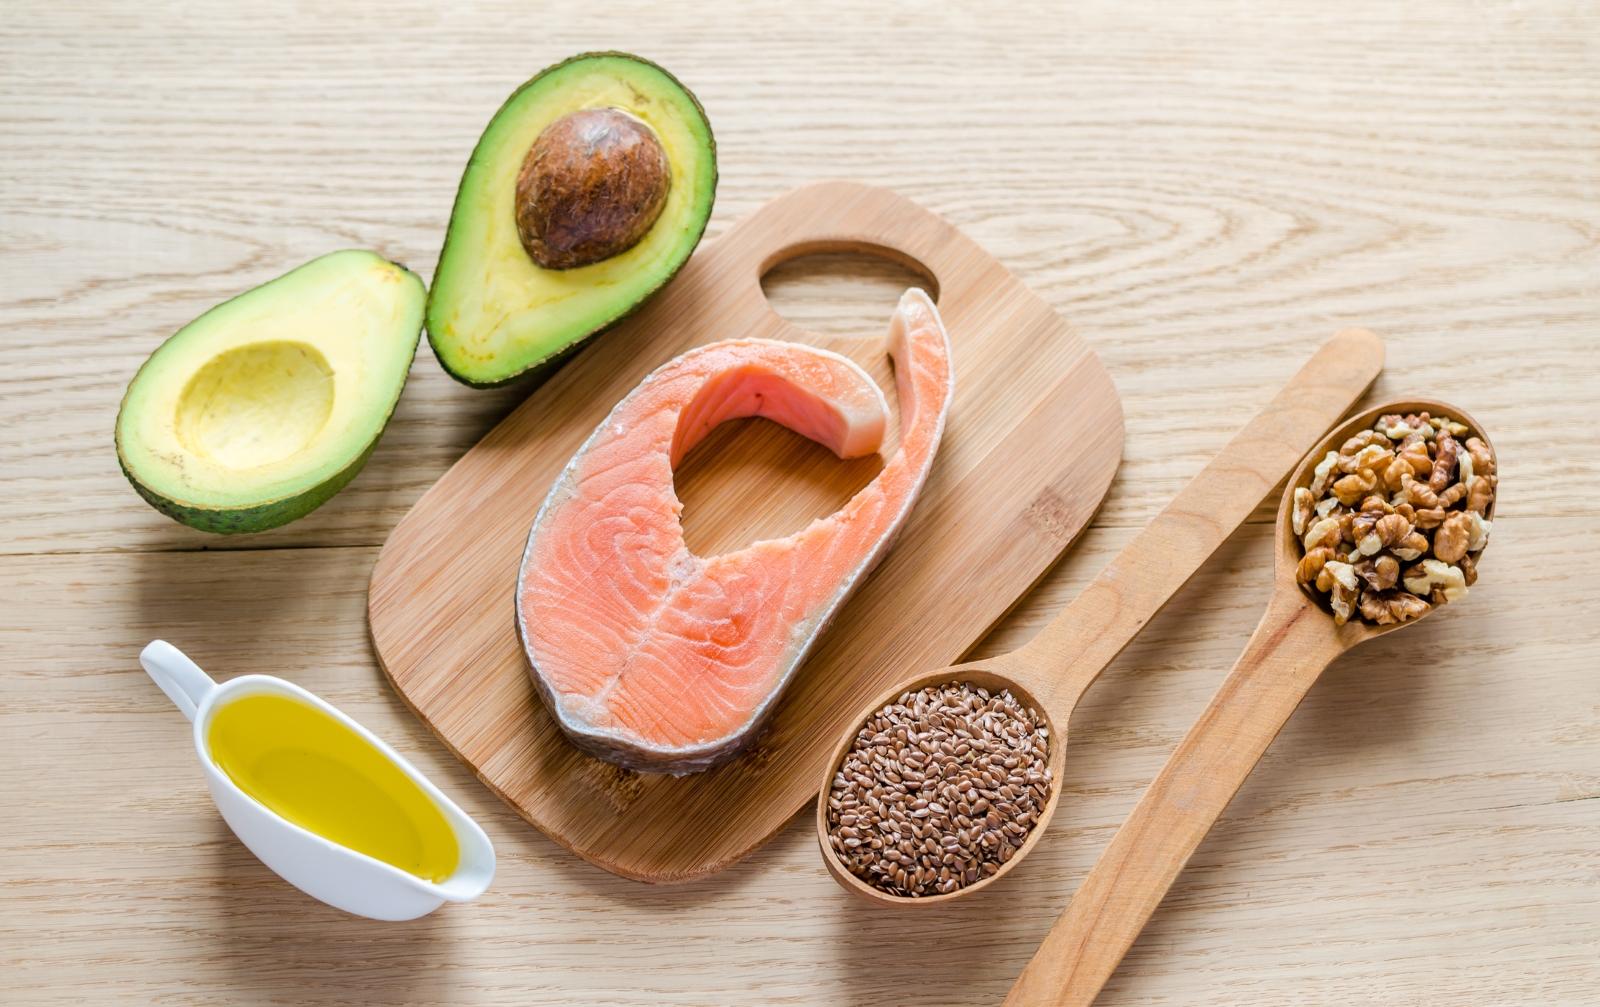 Пескатерианство. Това е една от най-разпространените форми. Означава, че освен зеленчуци, се яде и риба.